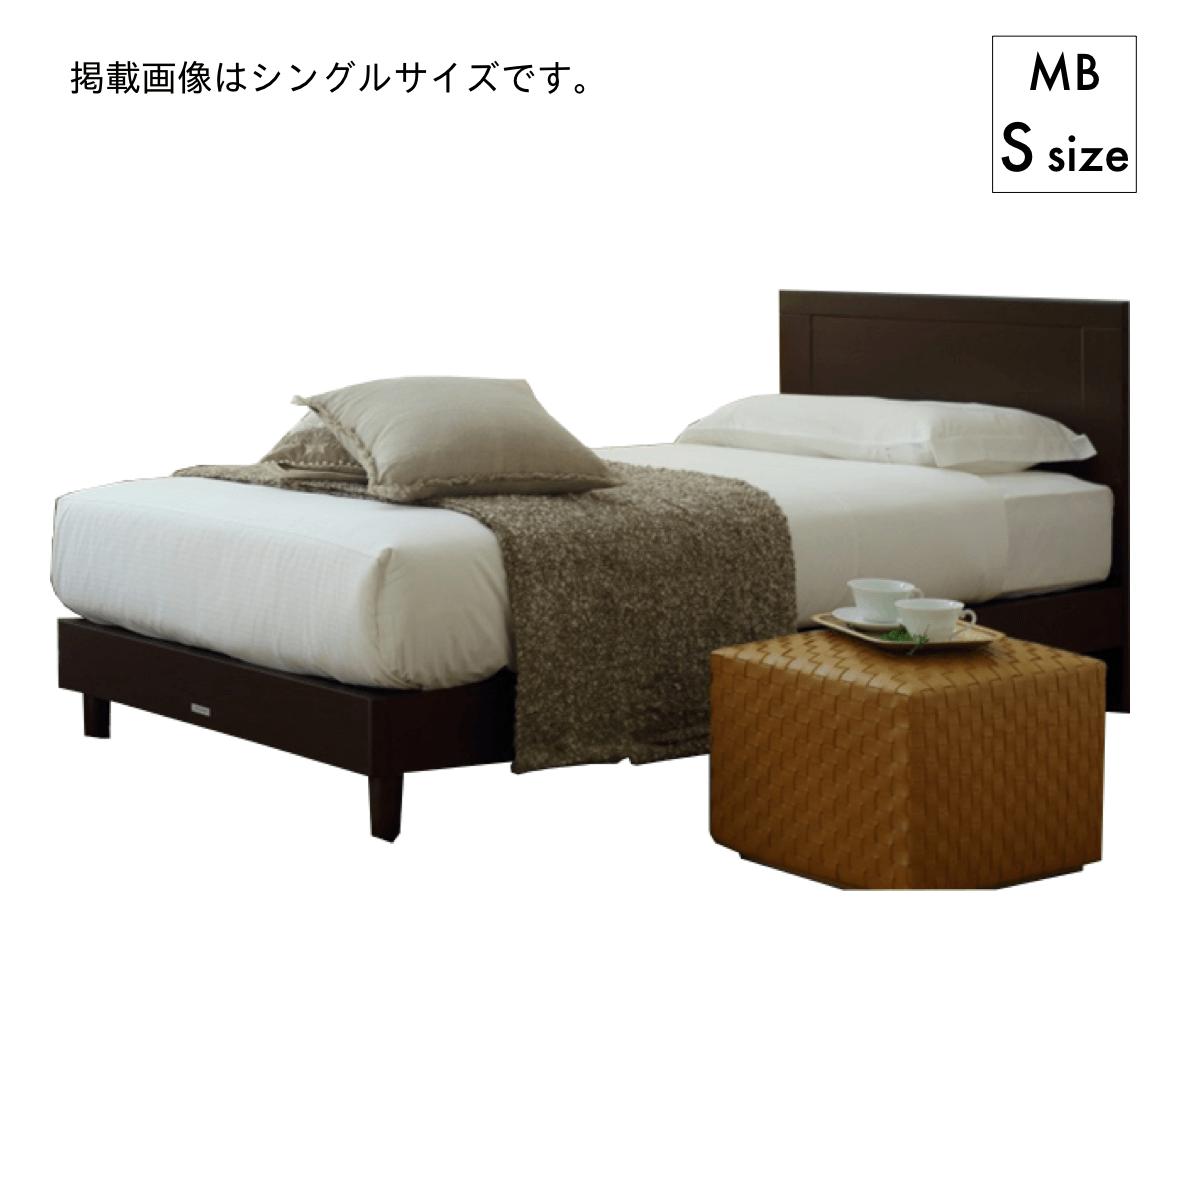 マリン LG MB DR3フィット Sベッド0